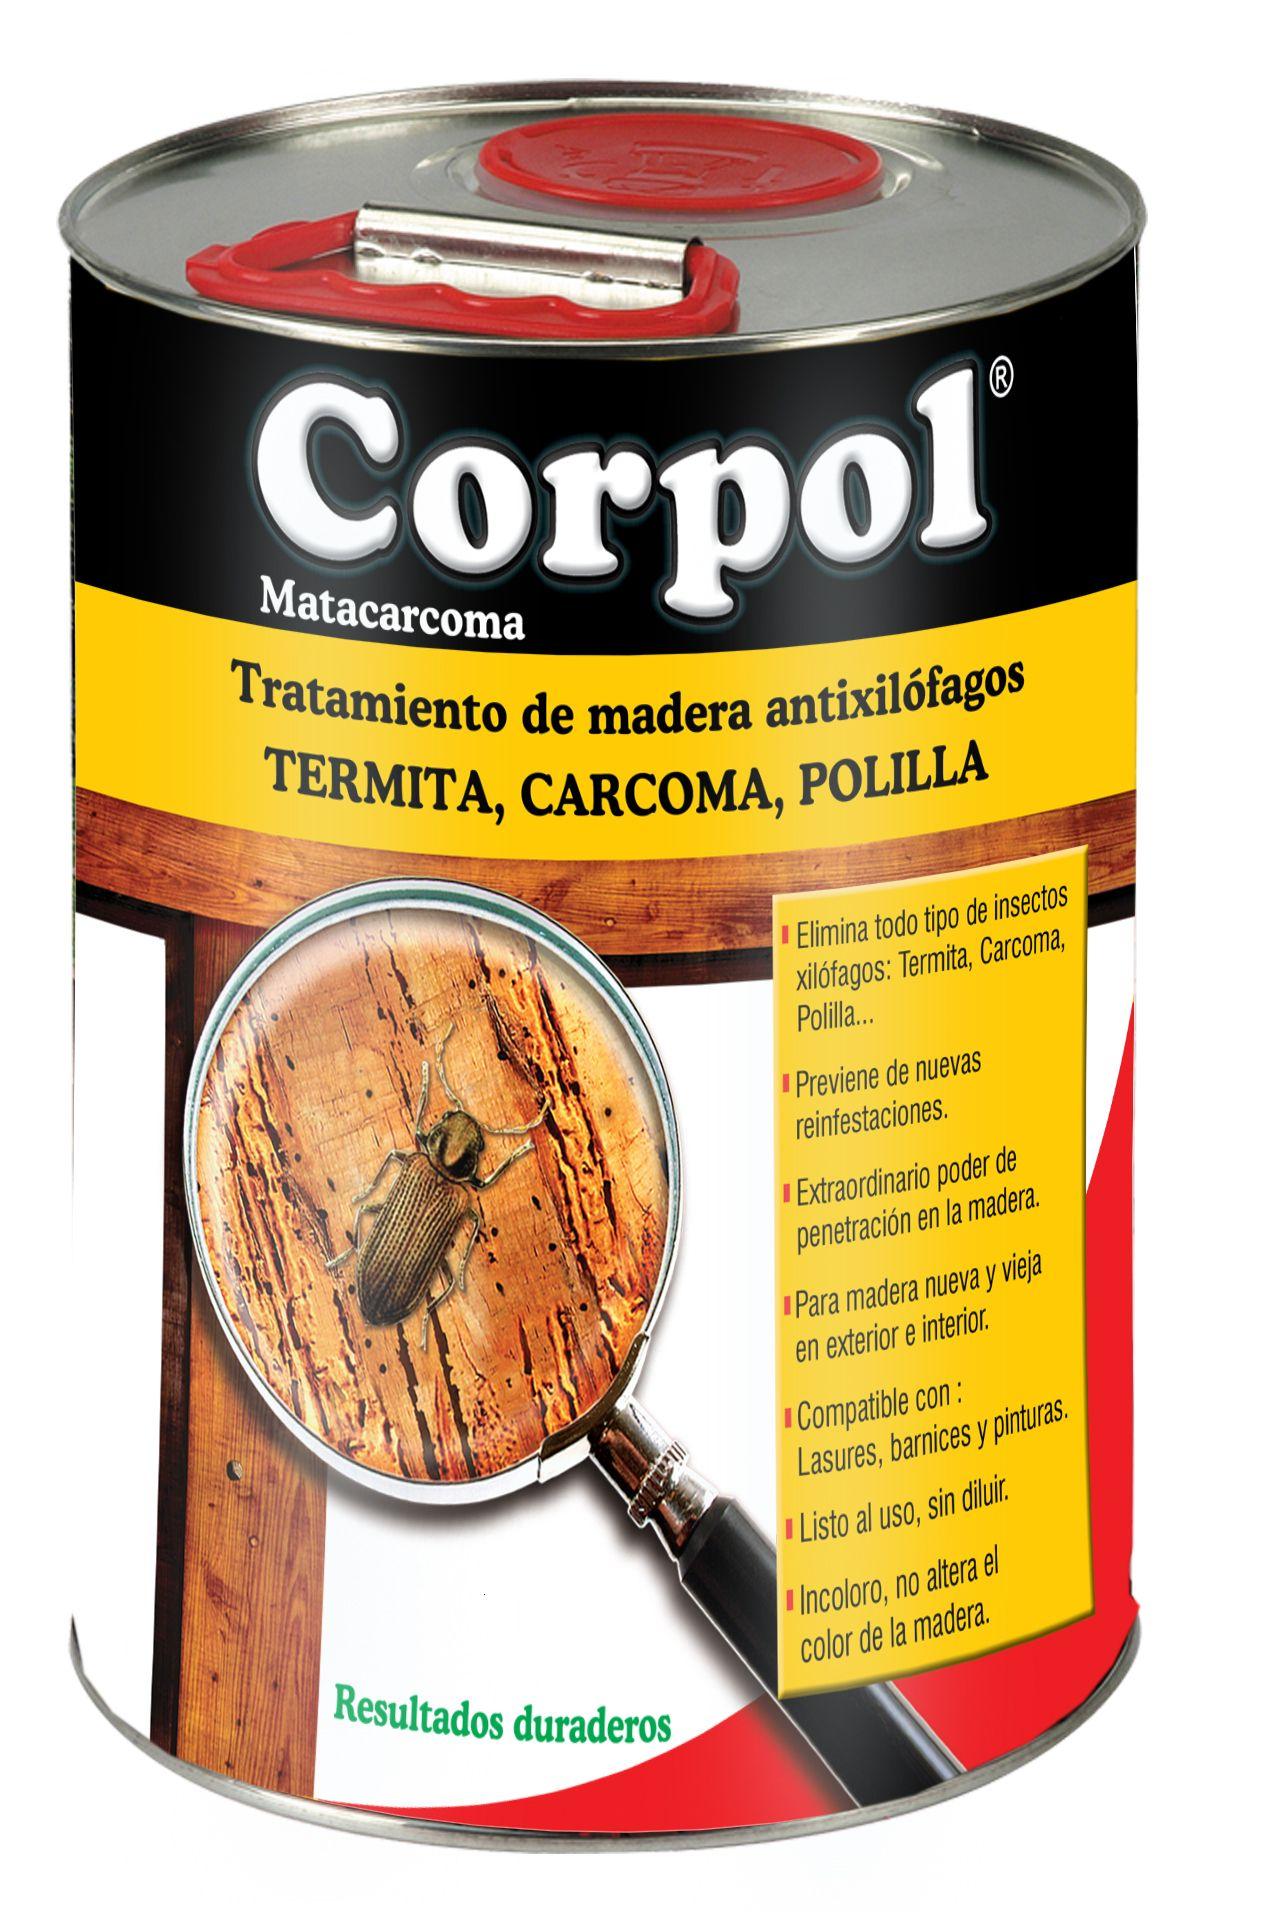 Cómo Eliminar La Carcoma En 2021 Tipos De Insectos Eliminar Termitas Eliminar